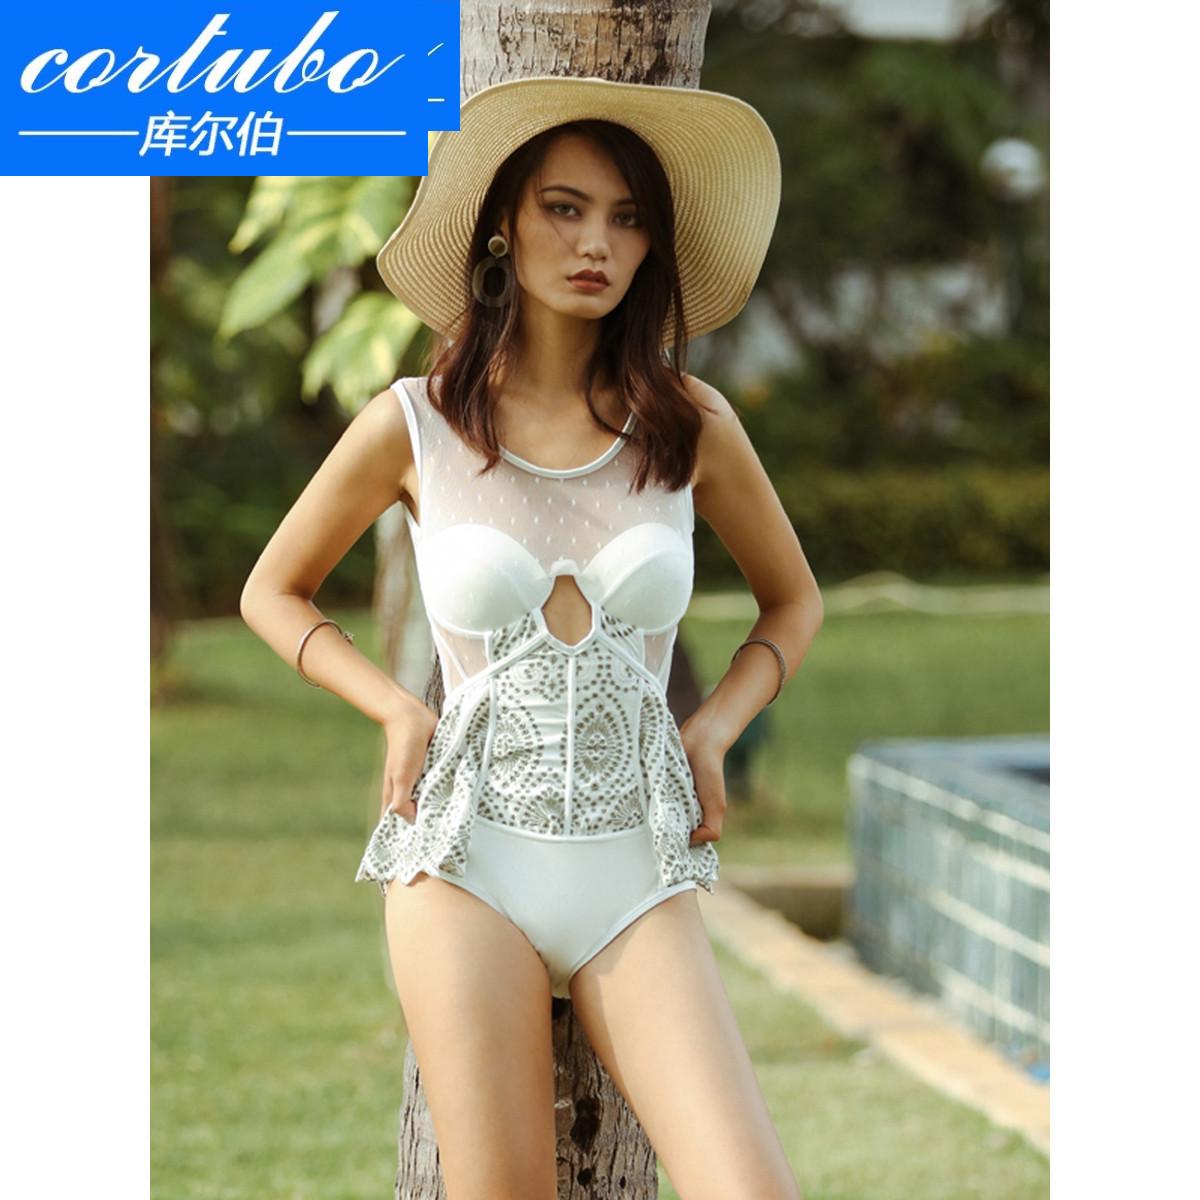 CORTUBO áo tắm nữ mới một mảnh bikini hở lưng gợi cảm che bụng thon gọn và tụ tập bơi lội suối nước nóng Hàn Quốc - Bộ đồ bơi One Piece